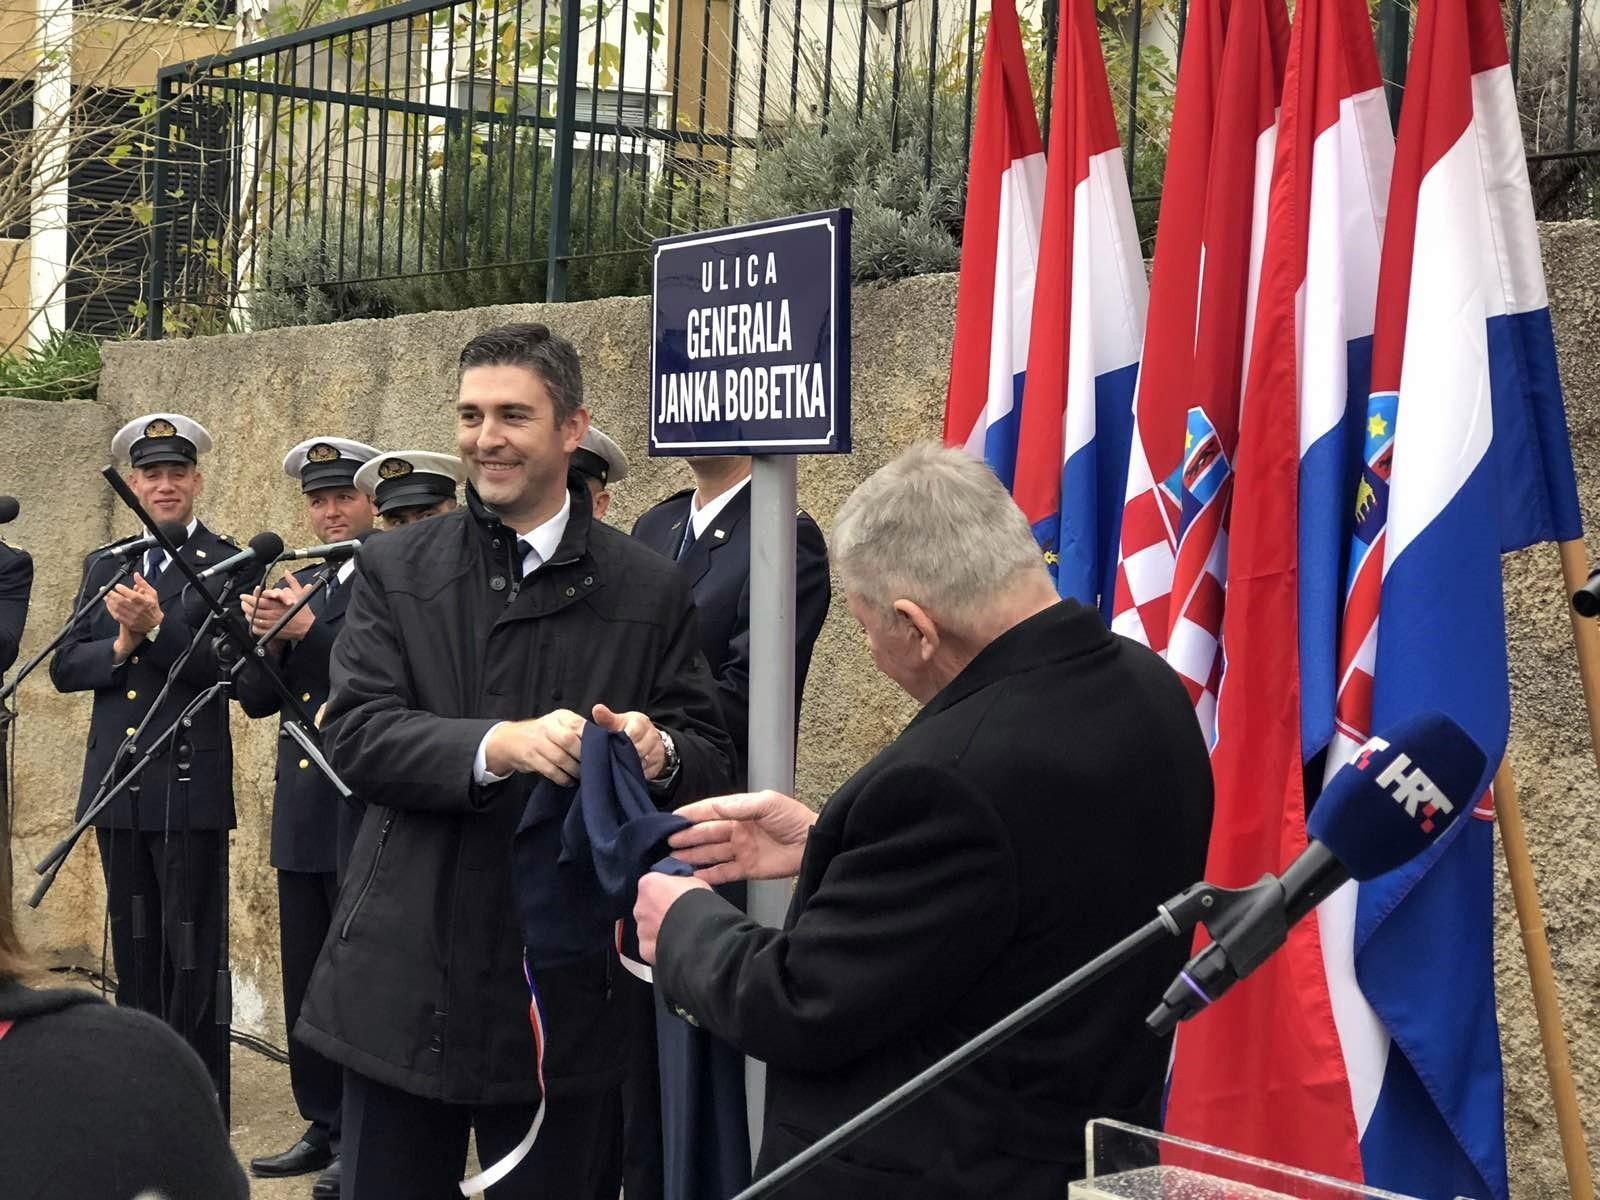 Otvorena Ulica generala Janka Bobetka, Dubrovnik se zahvalio velikom hrvatskom sinu